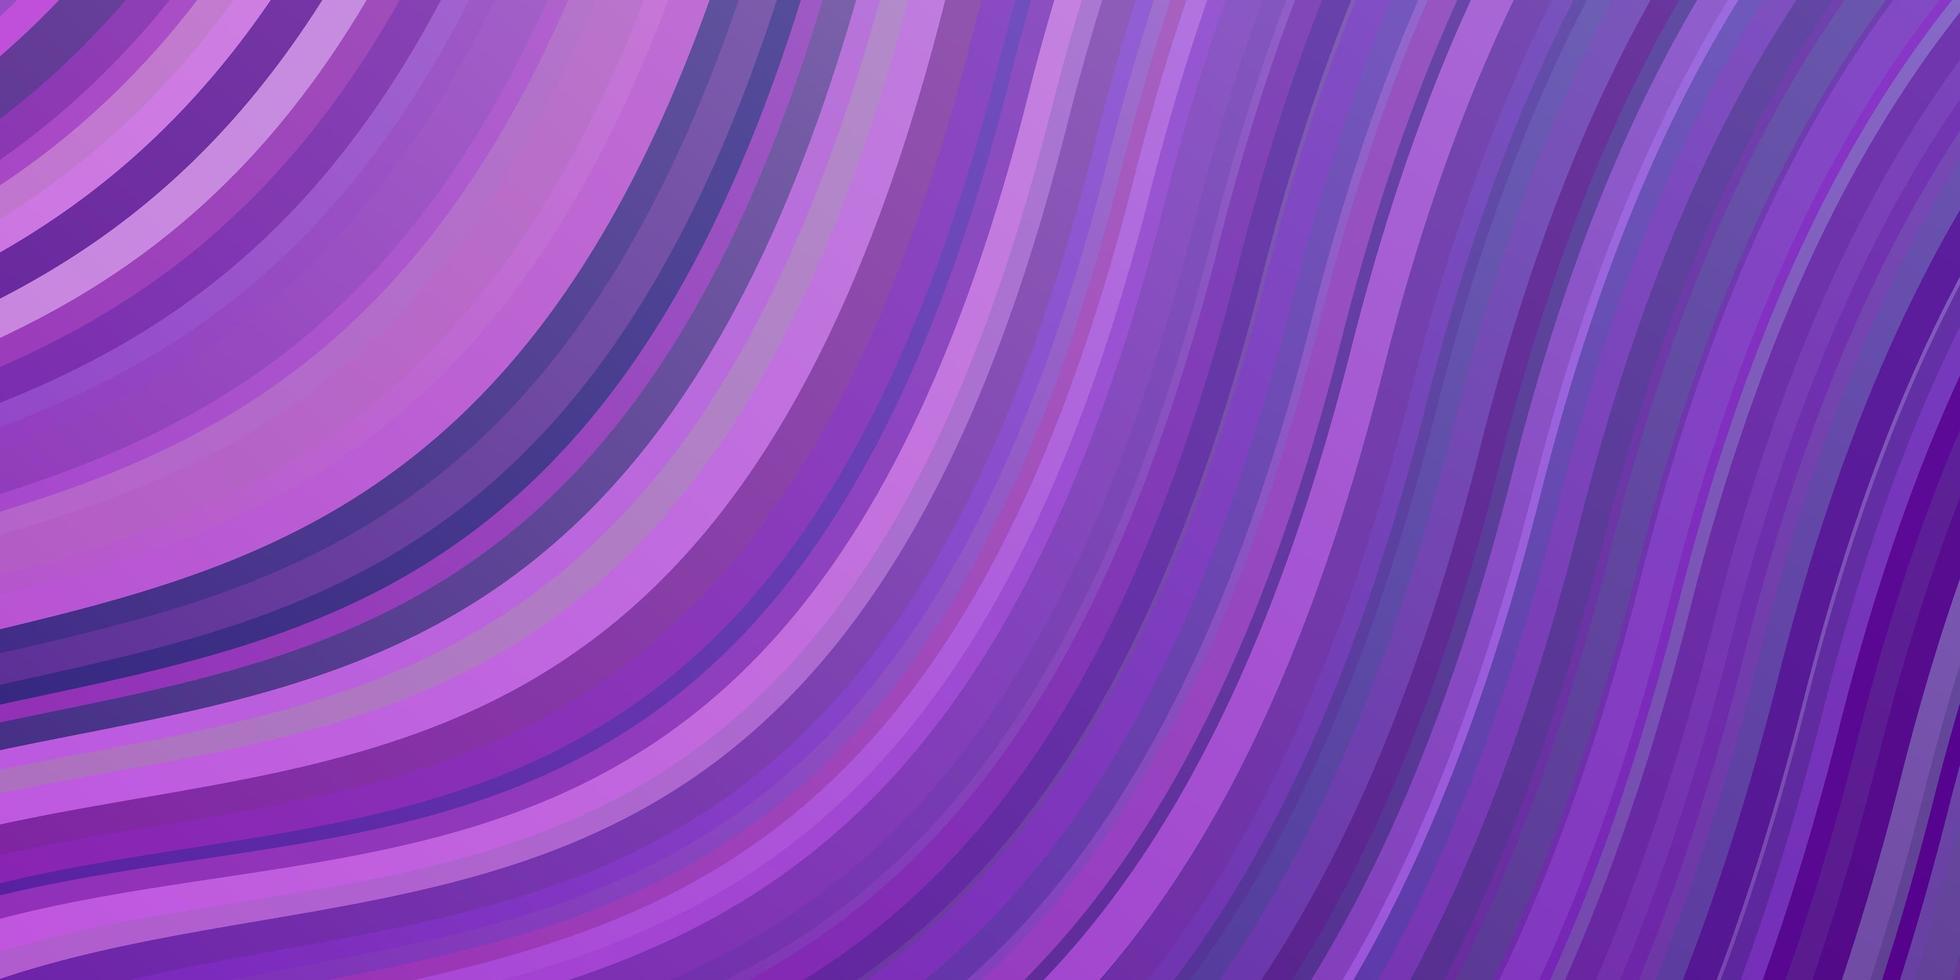 fond violet avec des arcs. vecteur